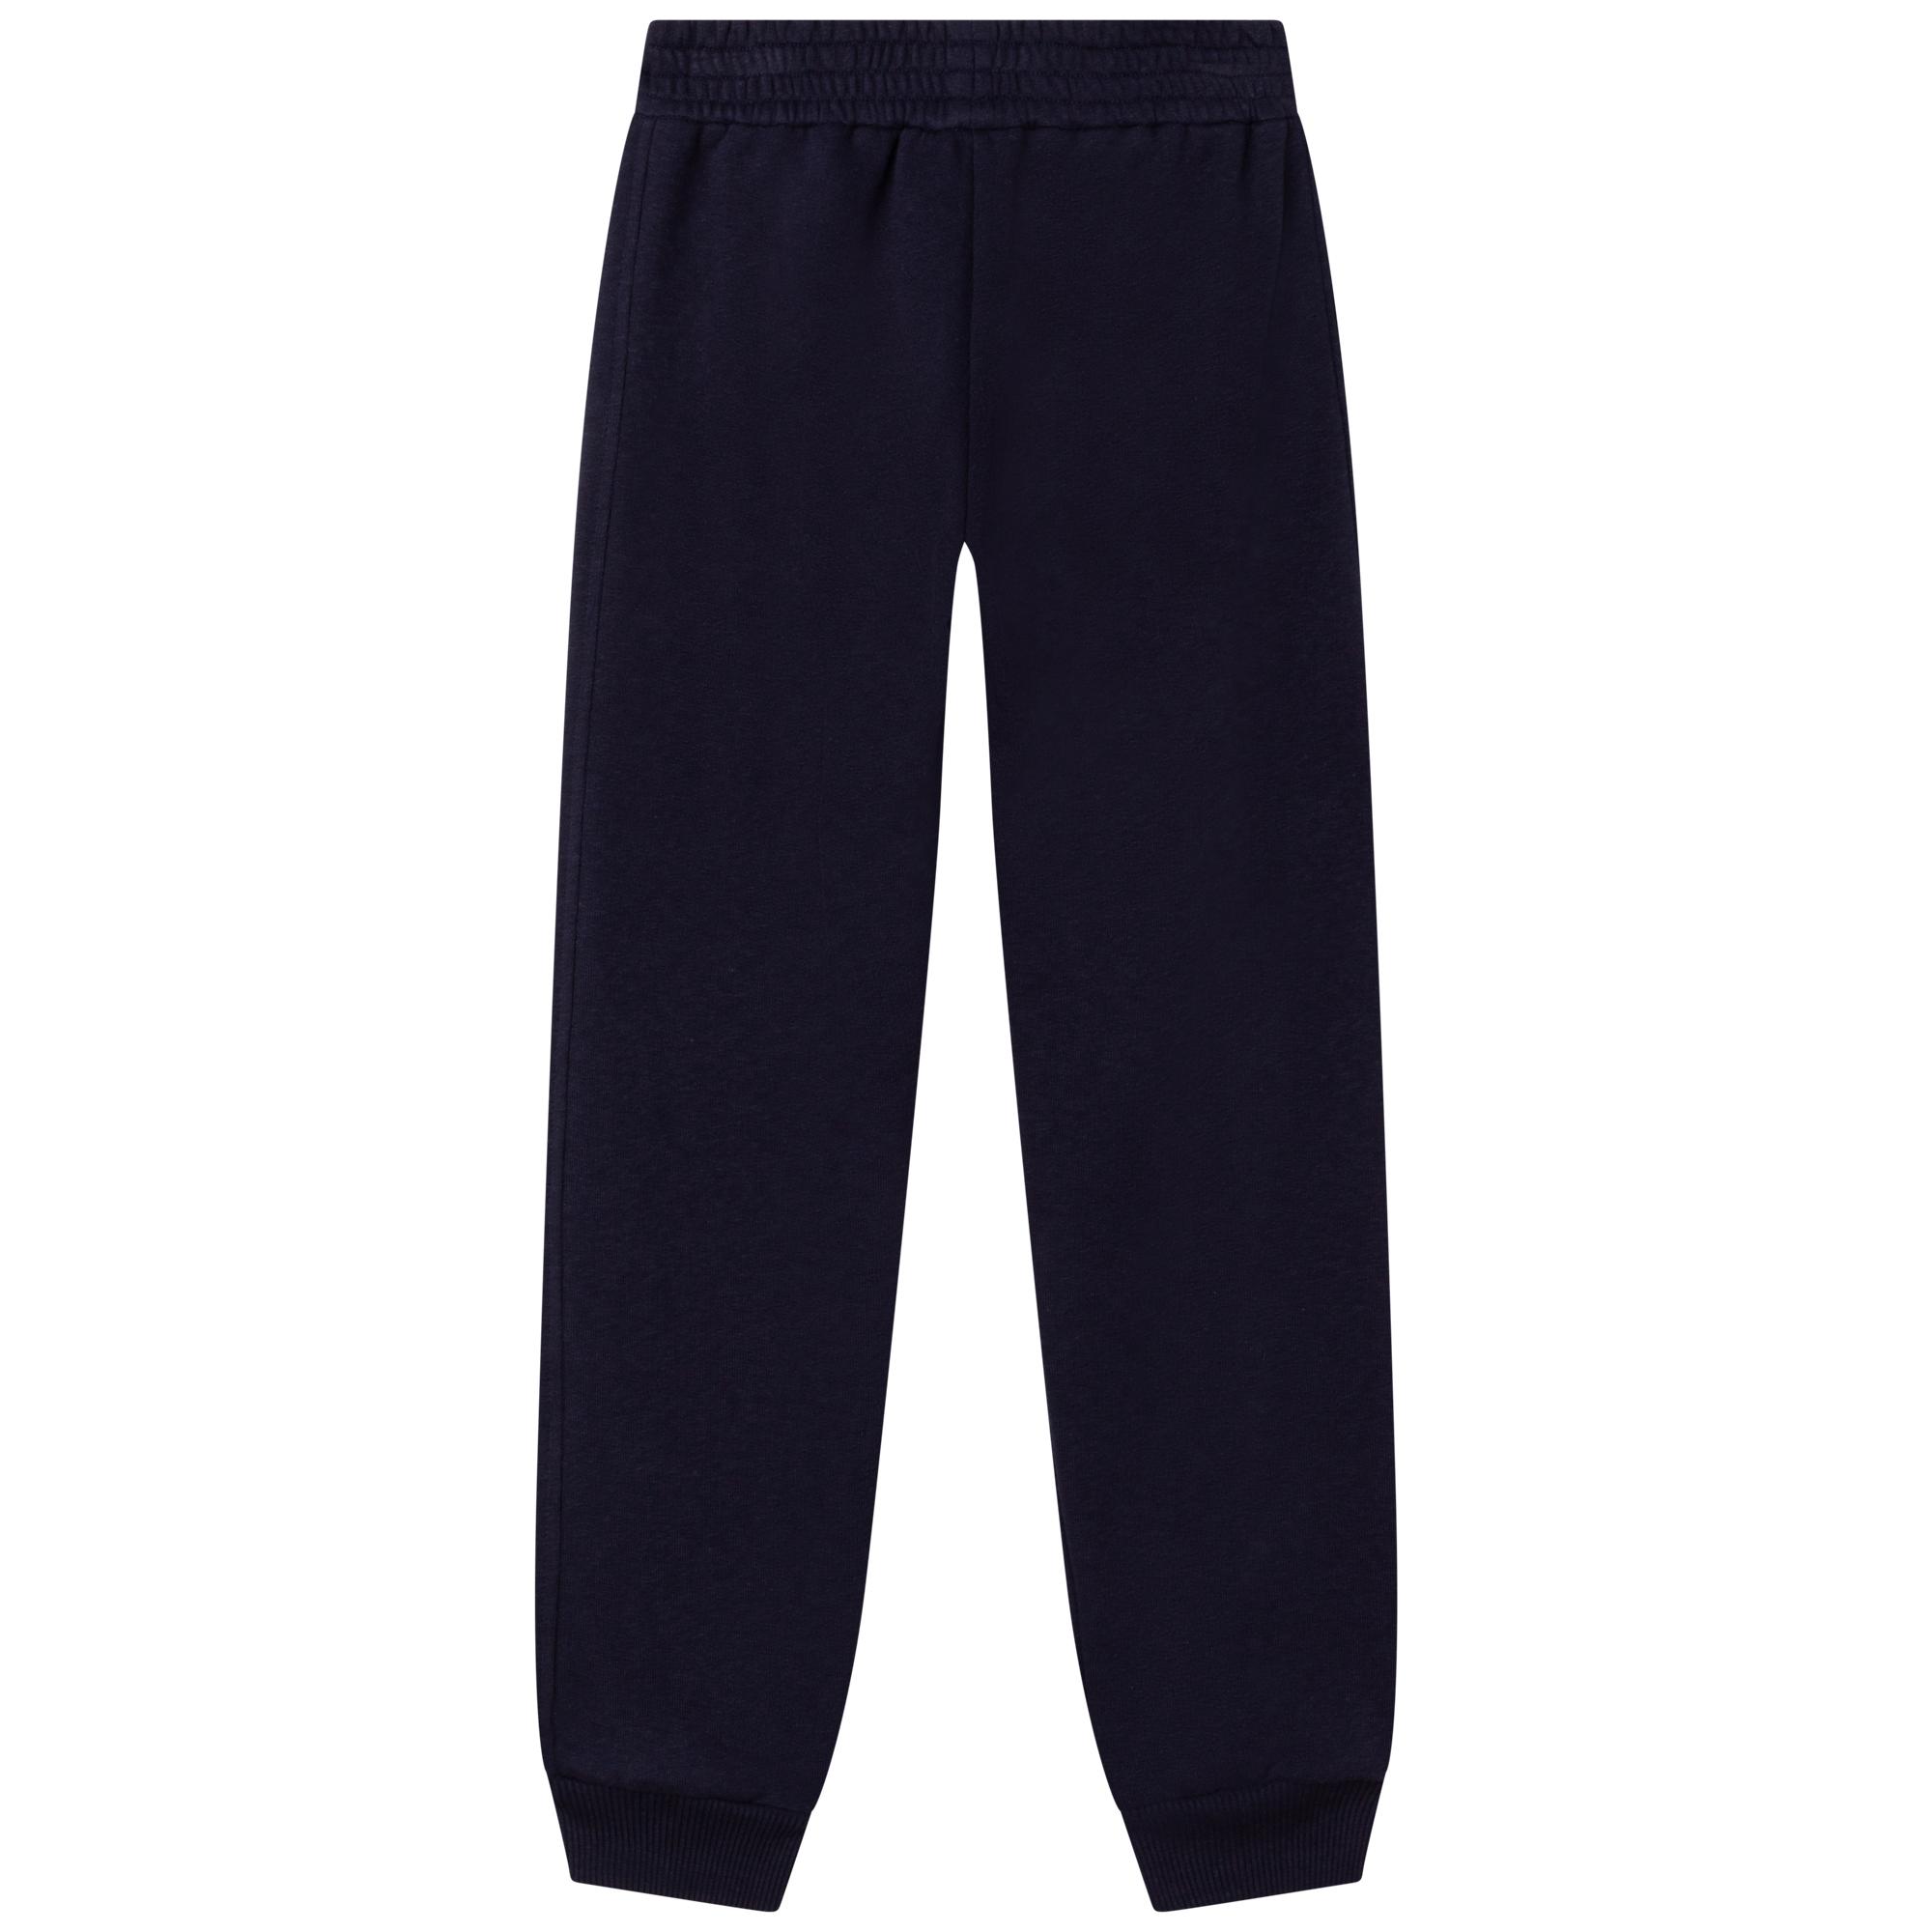 Pantalon de jogging molletonné LANVIN pour FILLE